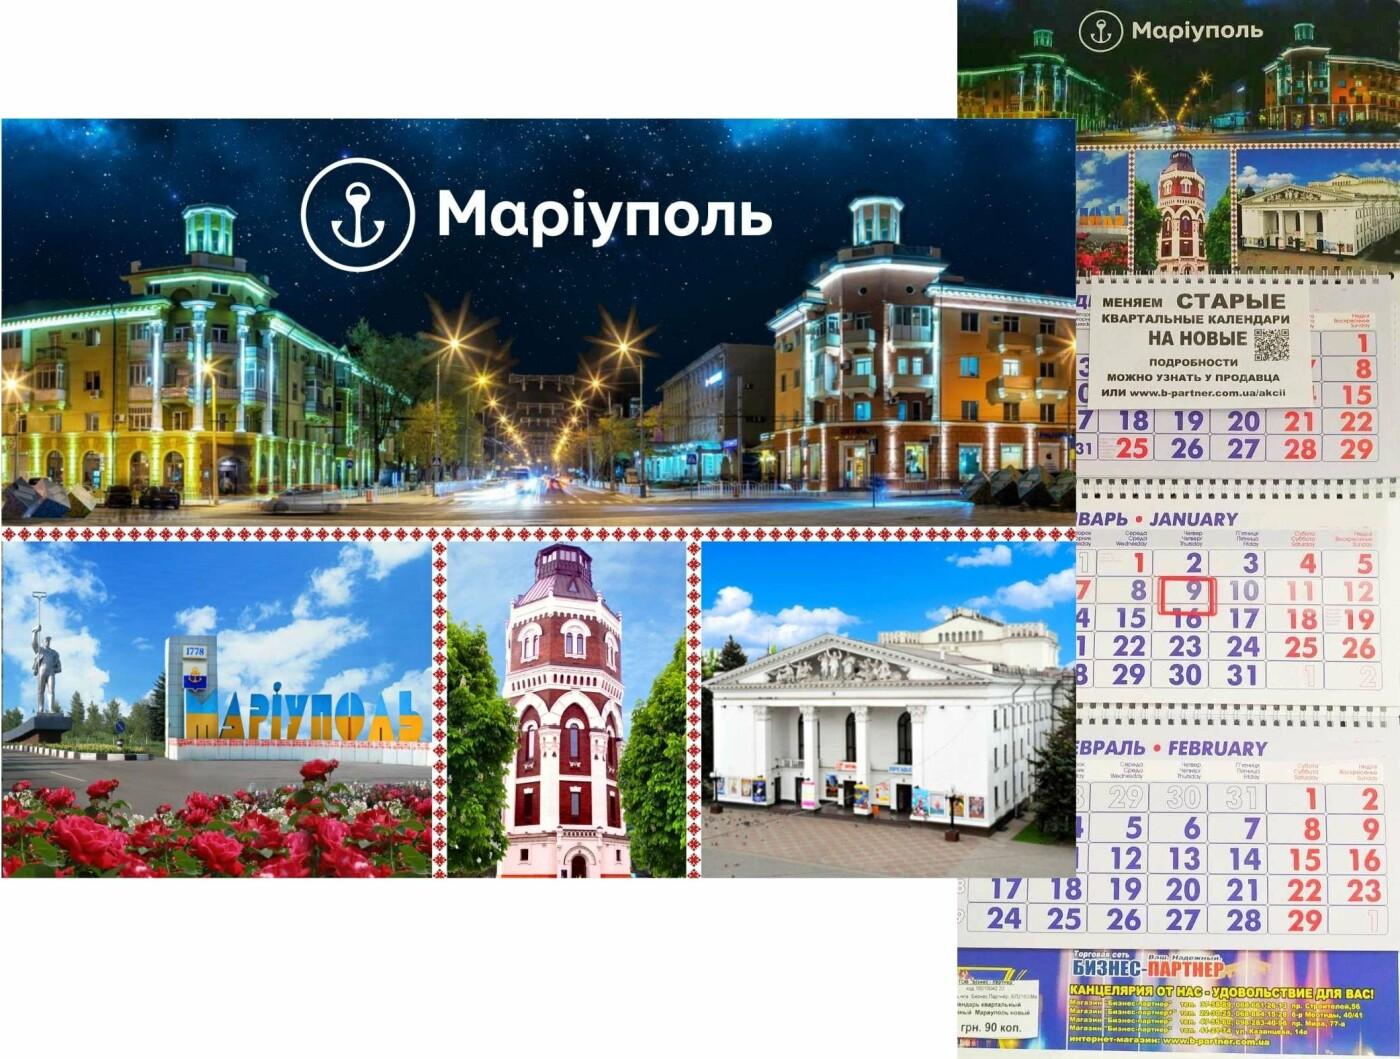 Календарь с видами Мариуполя  - это всегда красиво и престижно, фото-3